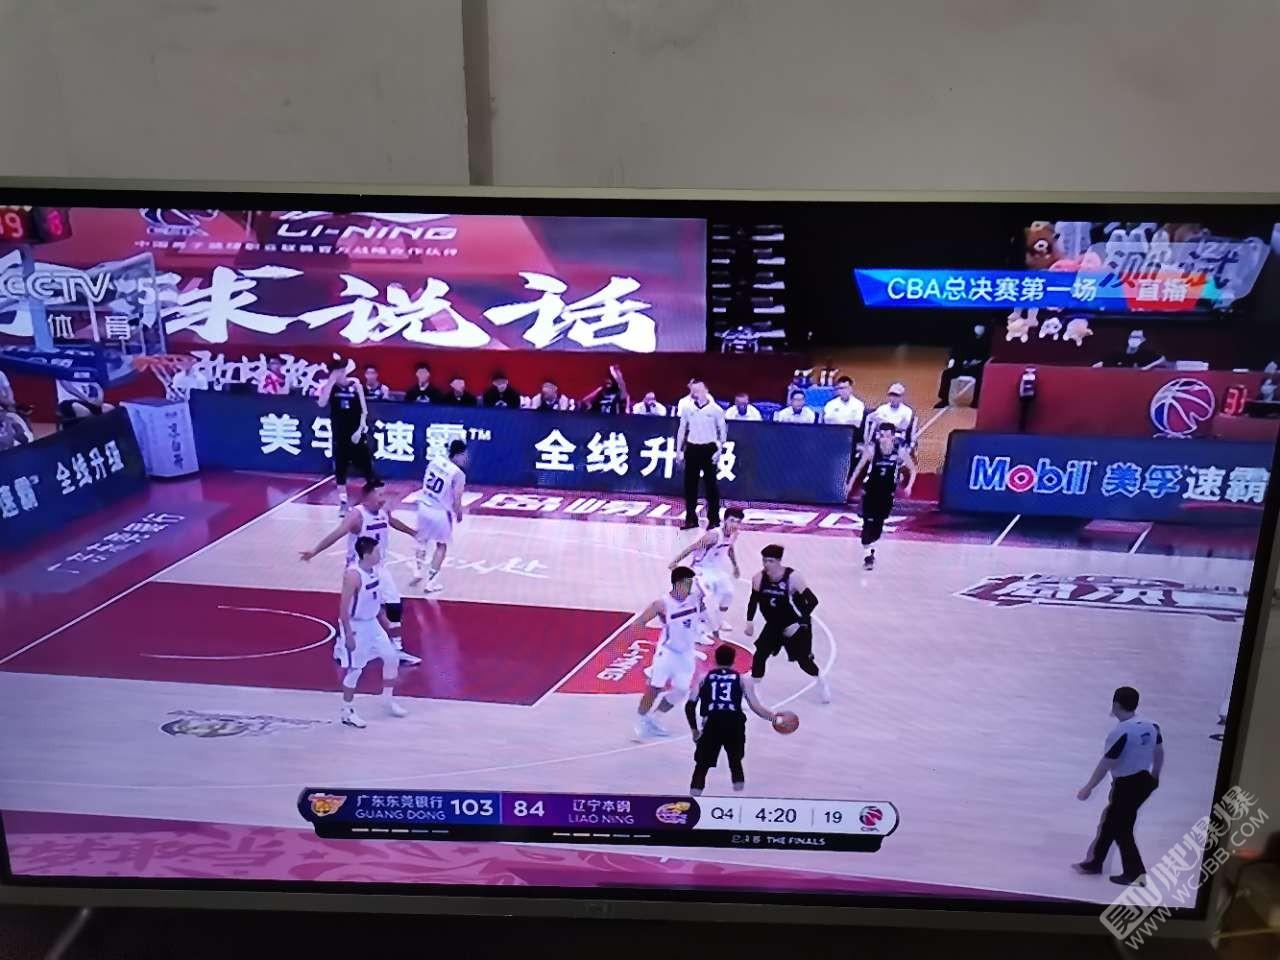 今晚CBA總決賽,廣東對遼寧!